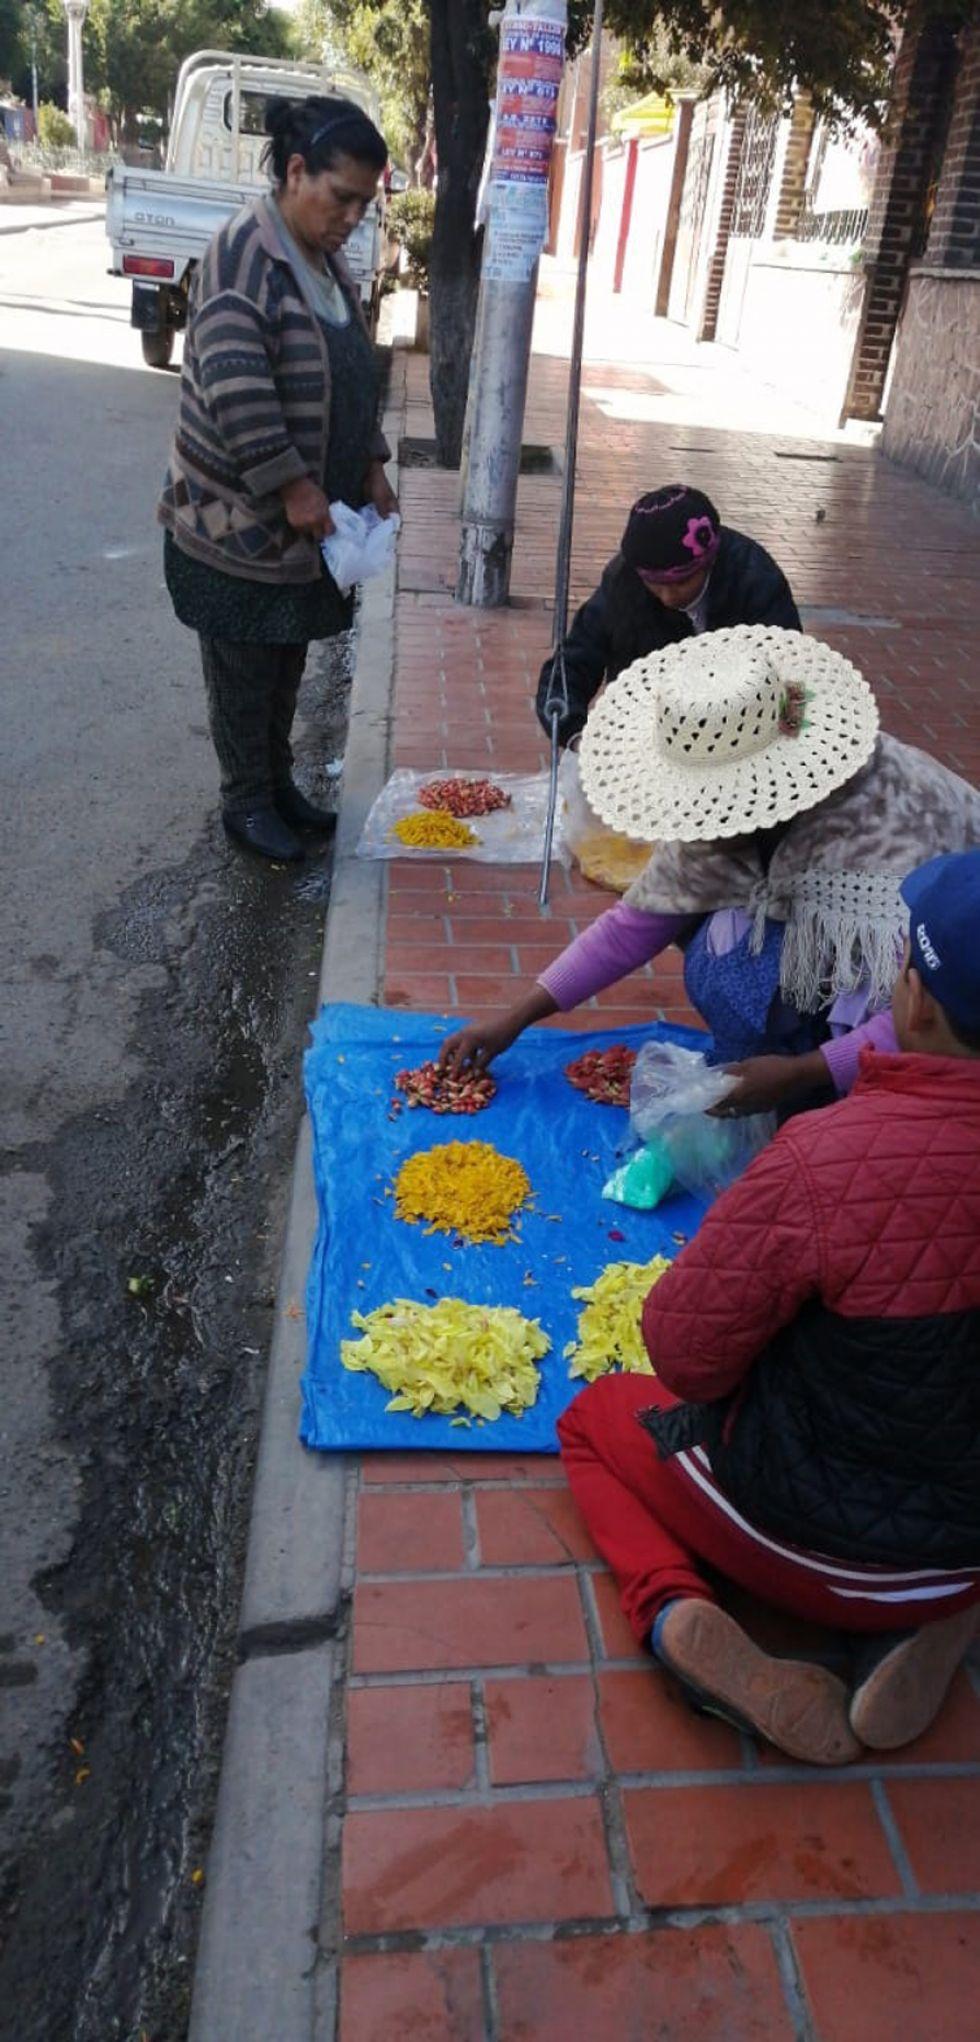 Venta de flores en las calles potosinas.